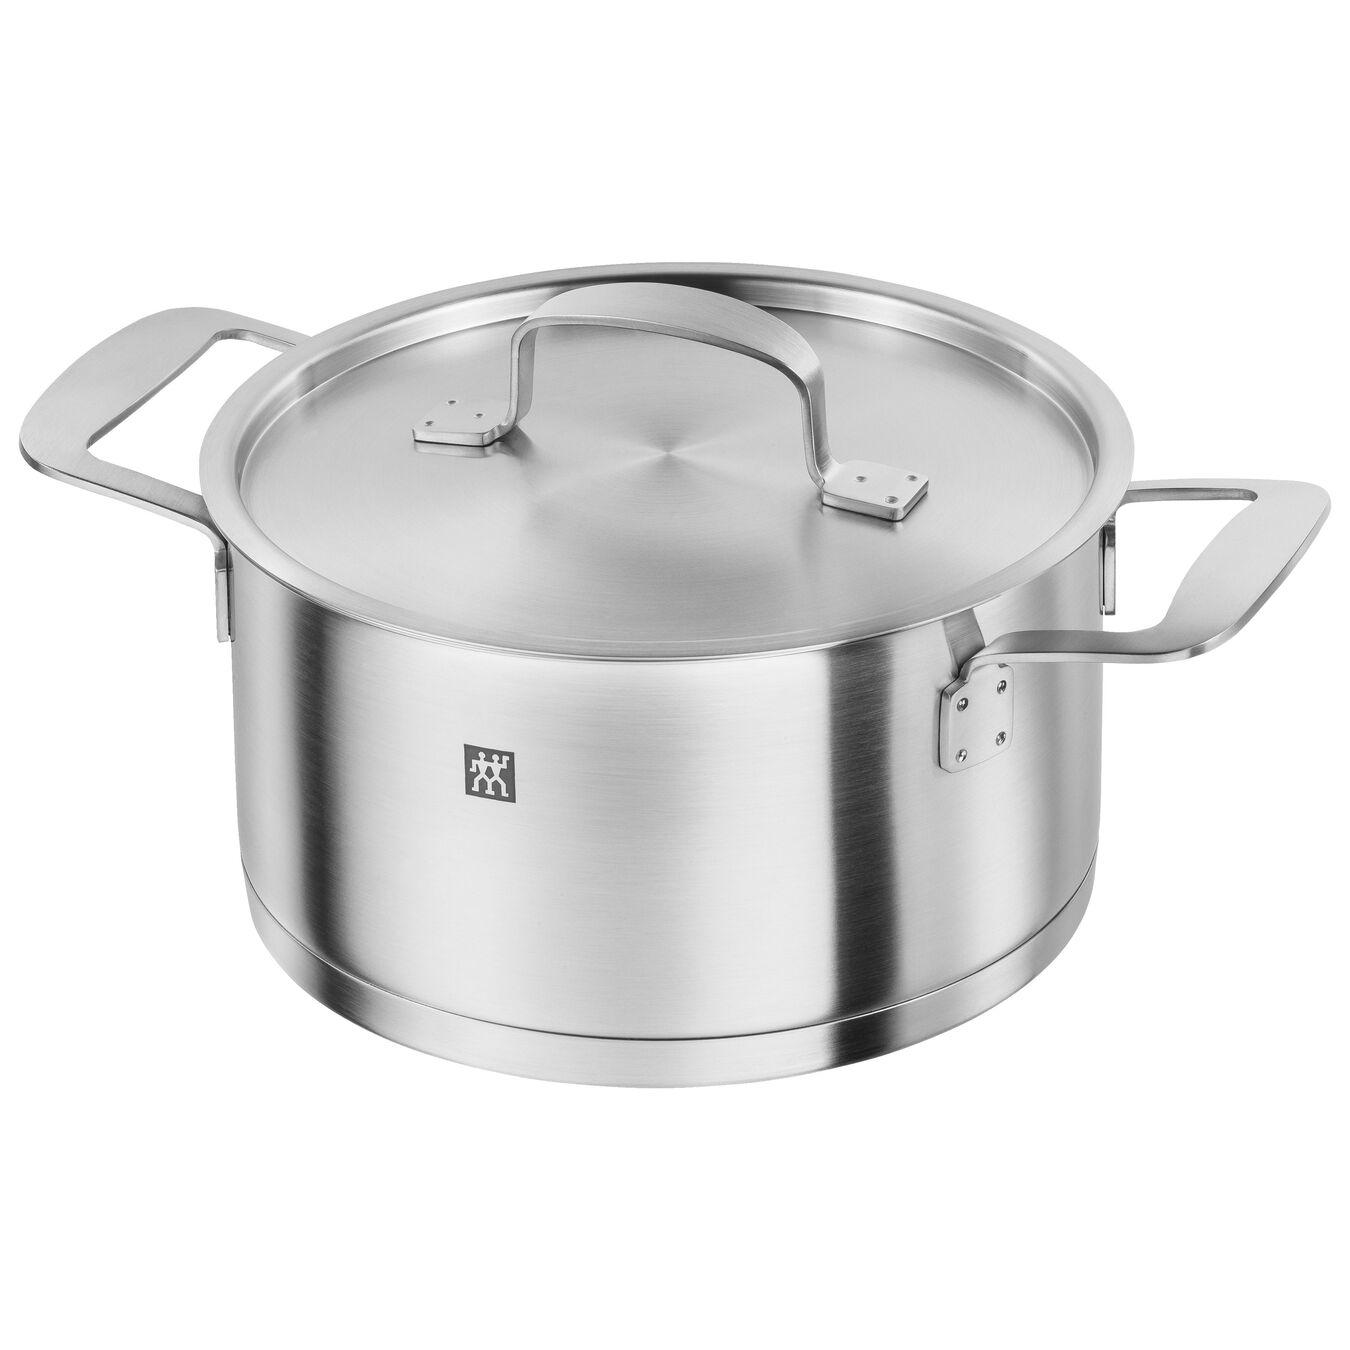 Ensemble de casseroles 4-pcs,,large 4